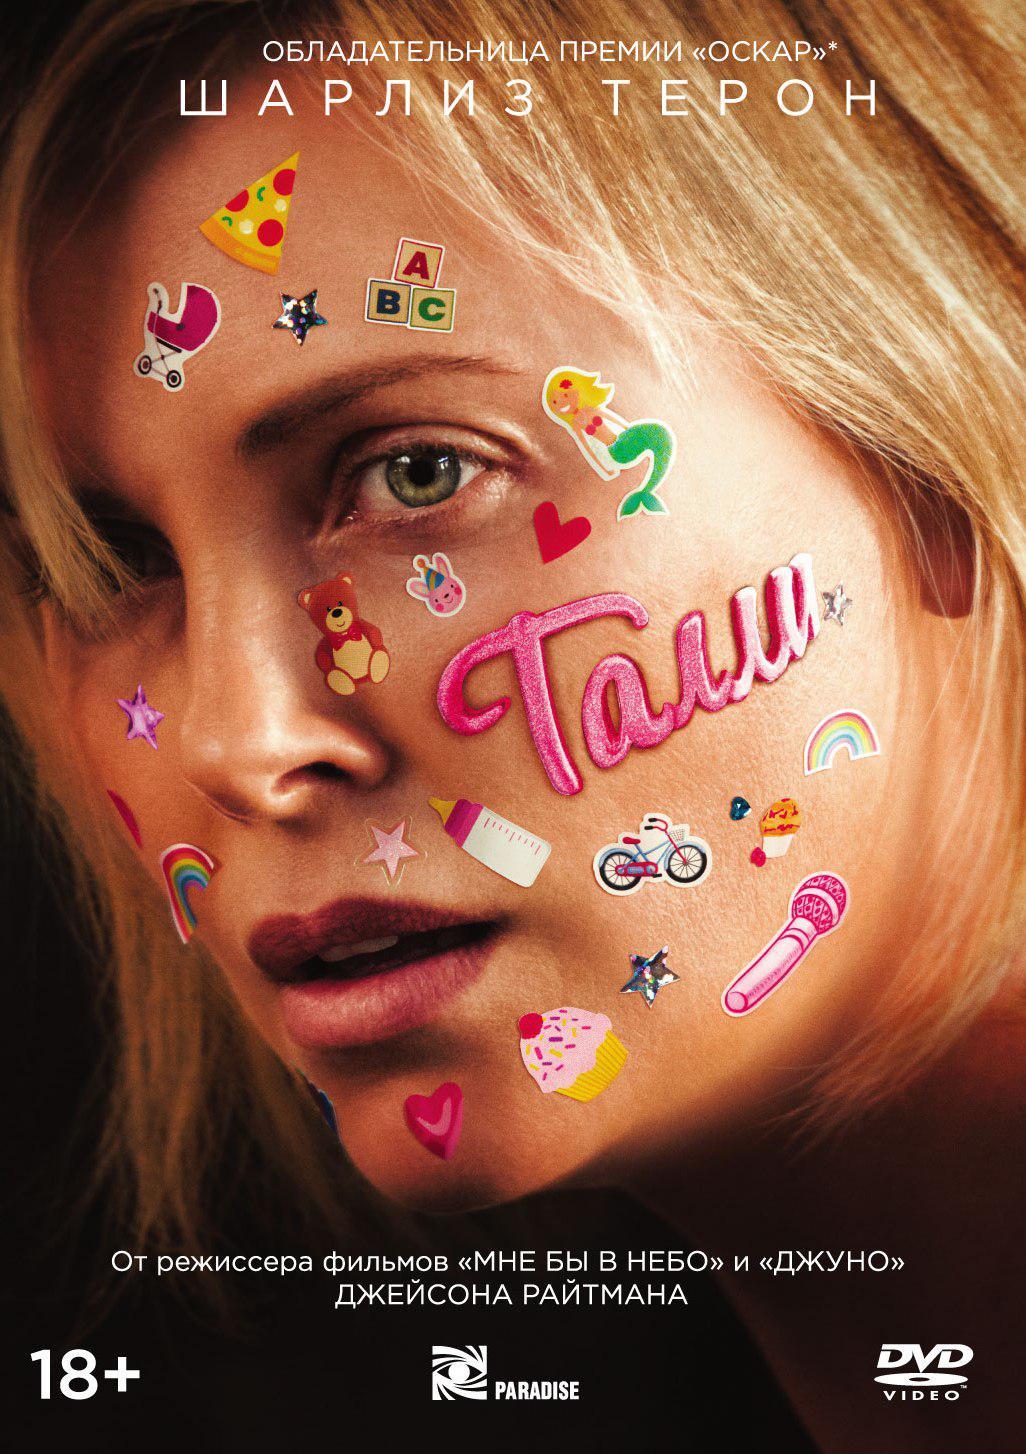 DVD. Талли + артбук